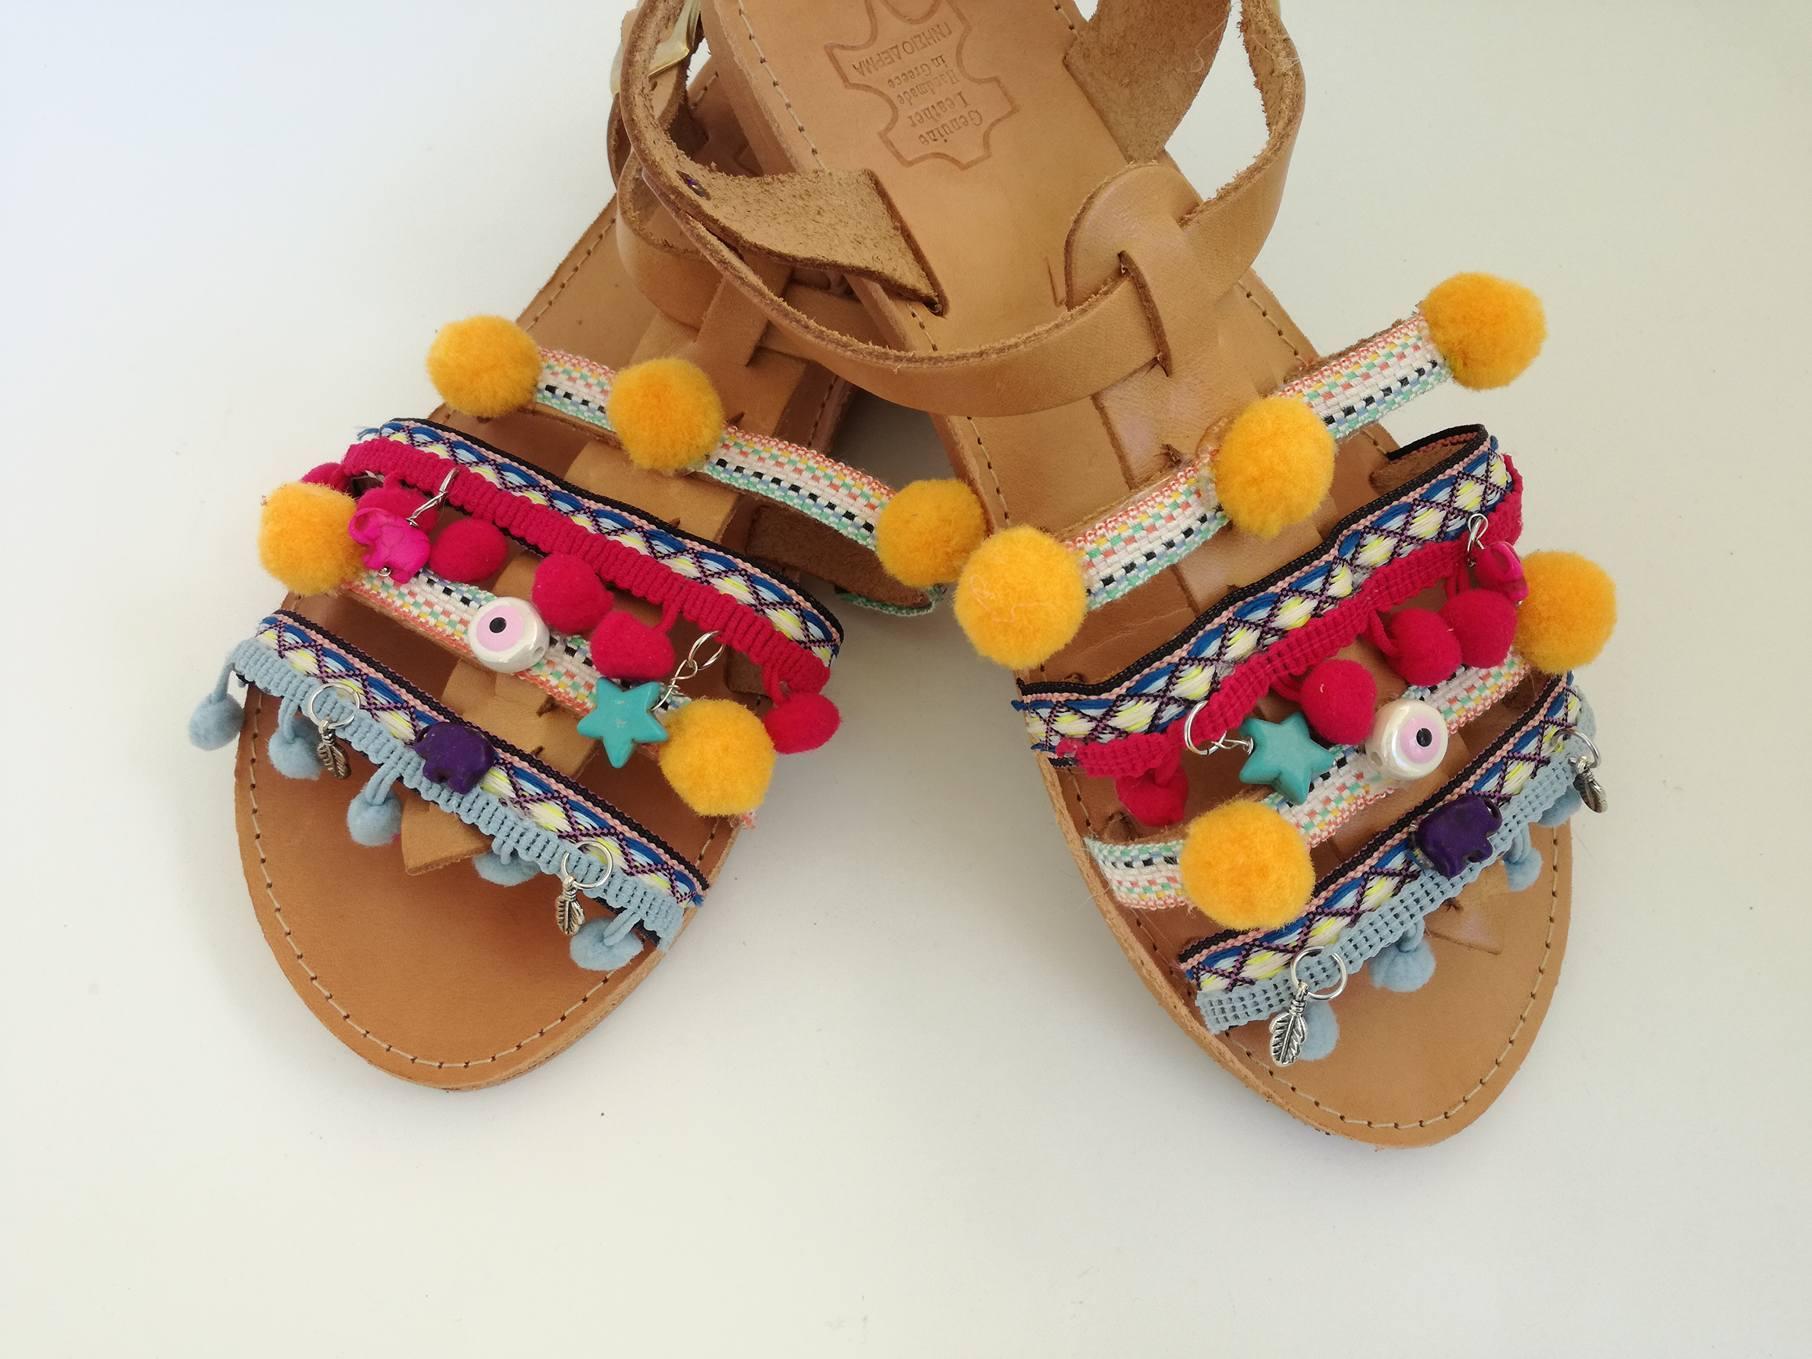 af612fef6c Tutorial Boho Sandals Χειροποίητα Boho Σανδάλια - e-xantra.gr